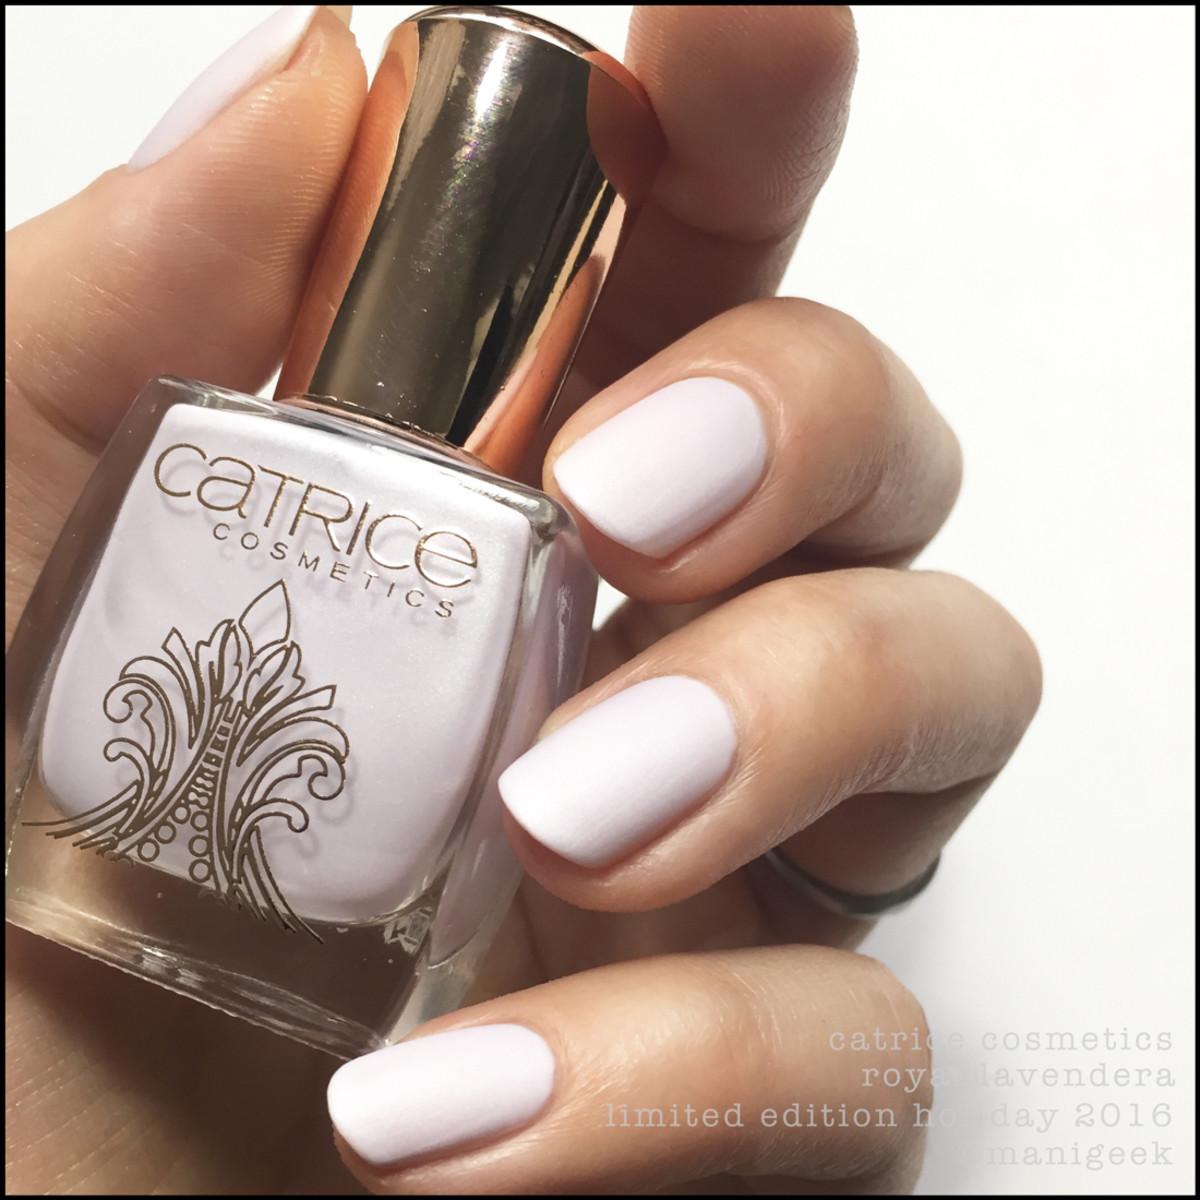 Catrice Royal Lavendera Nail Polish Swatches